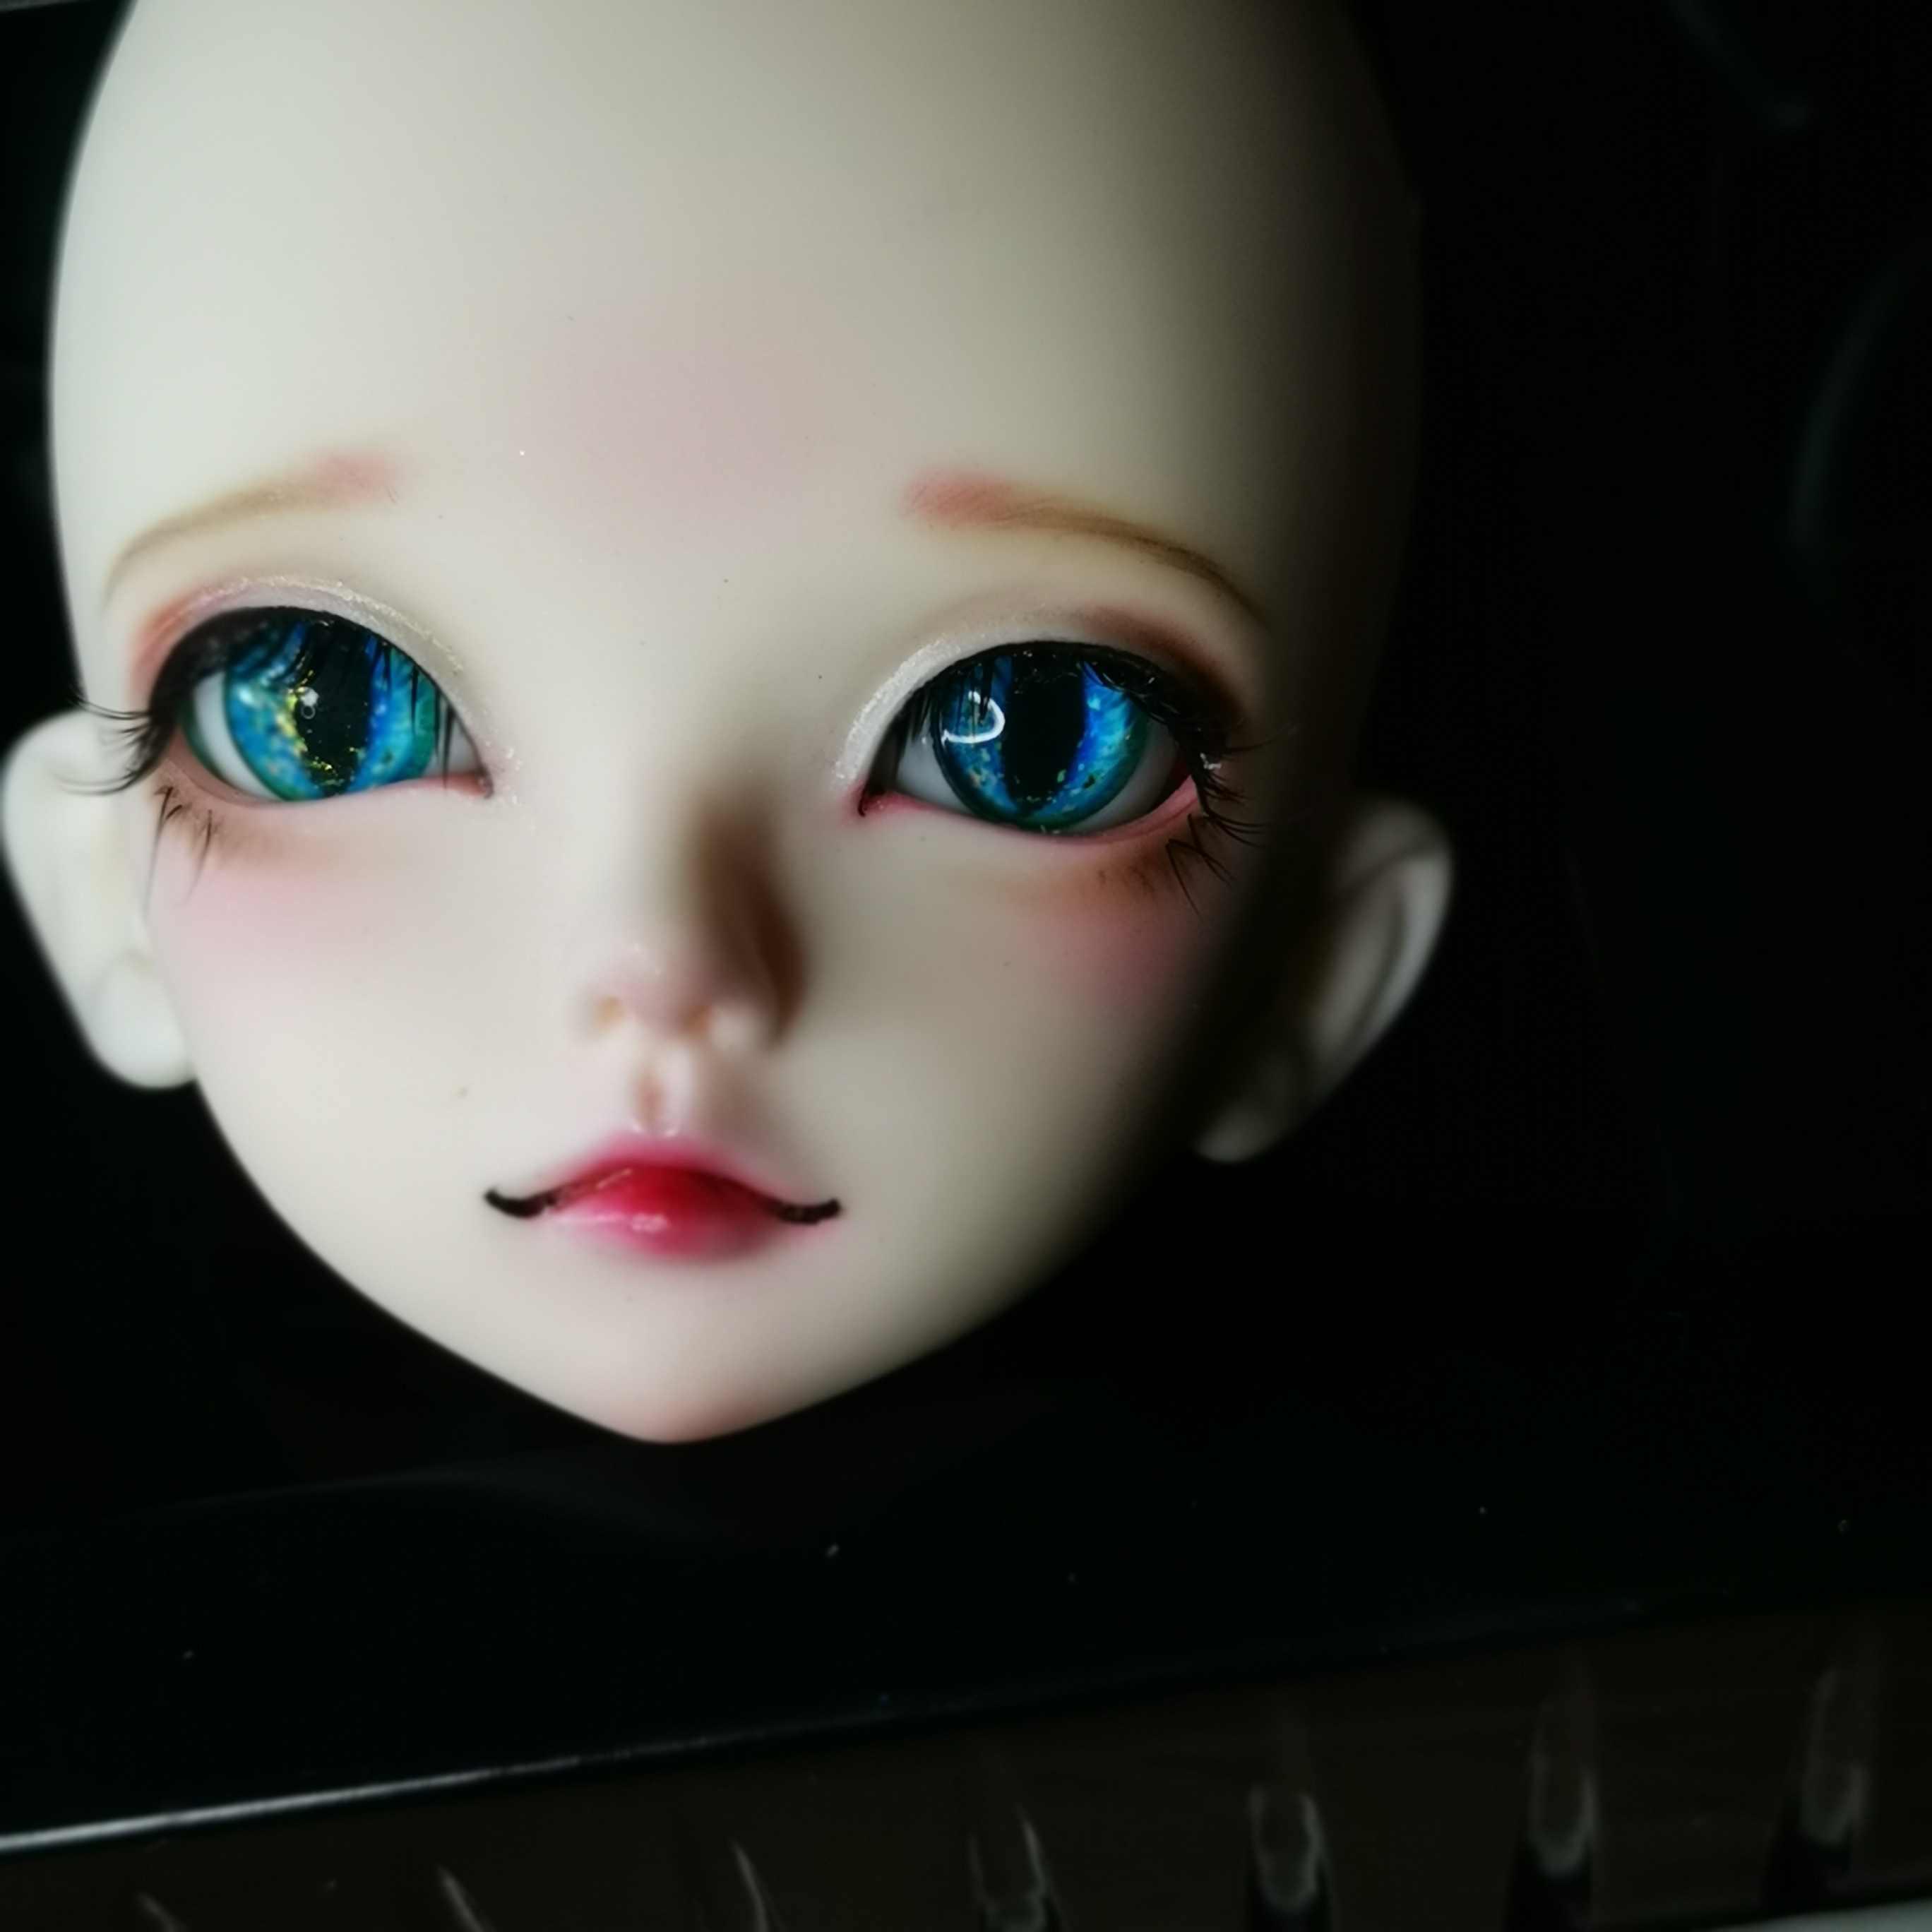 14mm Bjd Oko Niebieski Kot Bestia Lalka Oczy Bjd Oczy Dla Bjd Lalki Zabawki Sd Galka Oczna Dla 1 3 1 4 1 6 8mm 16mm 18mm 20mm Akrylowe Oczy Aliexpress